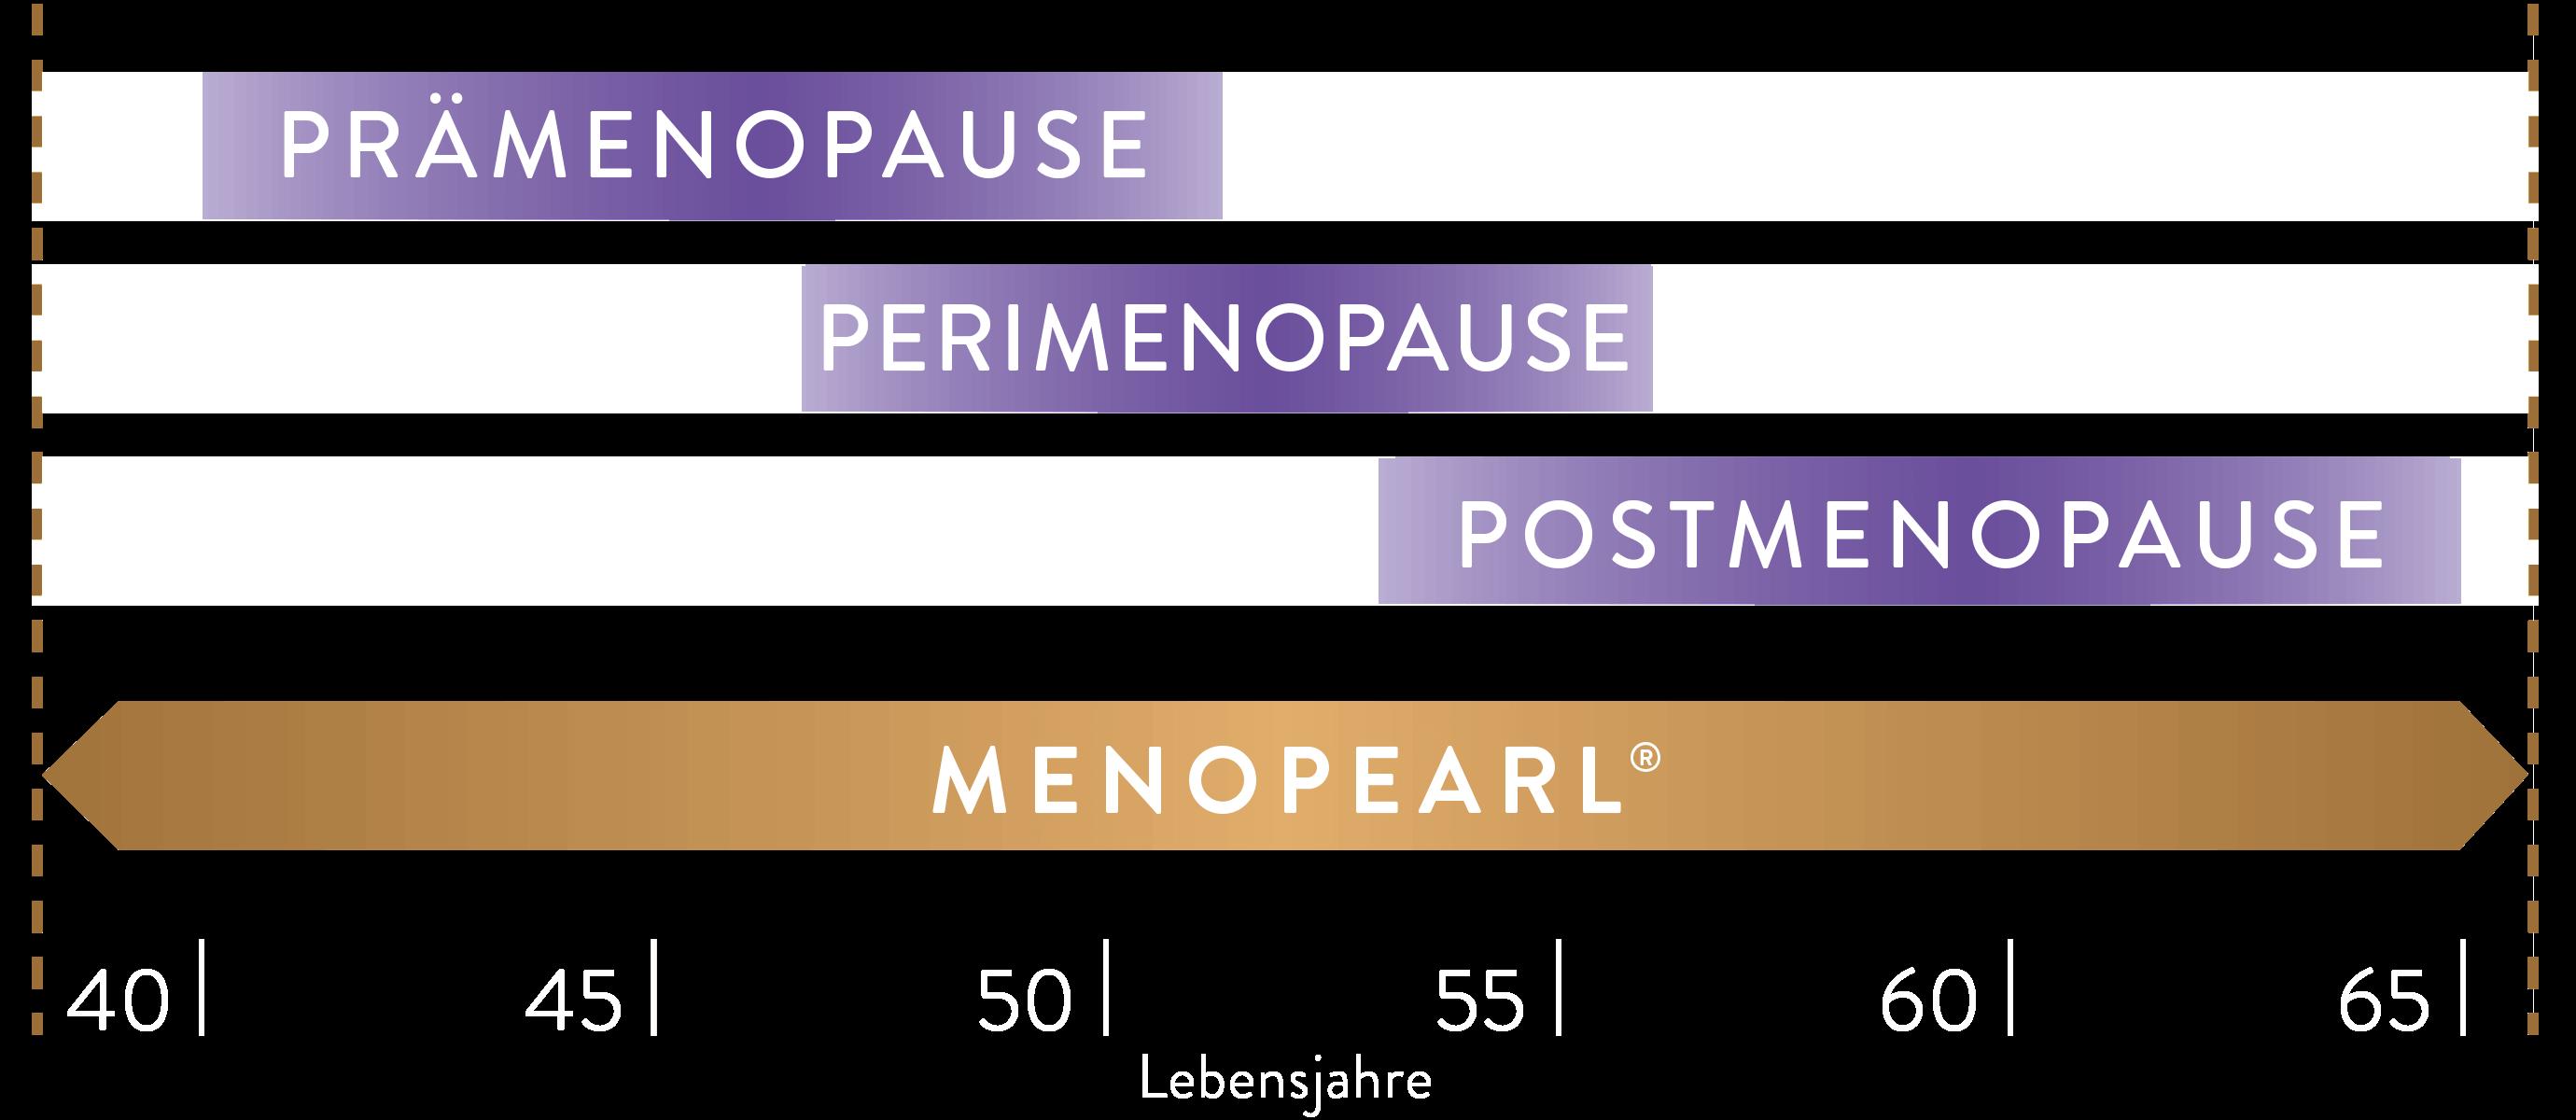 Drei Phasen der Menopause.